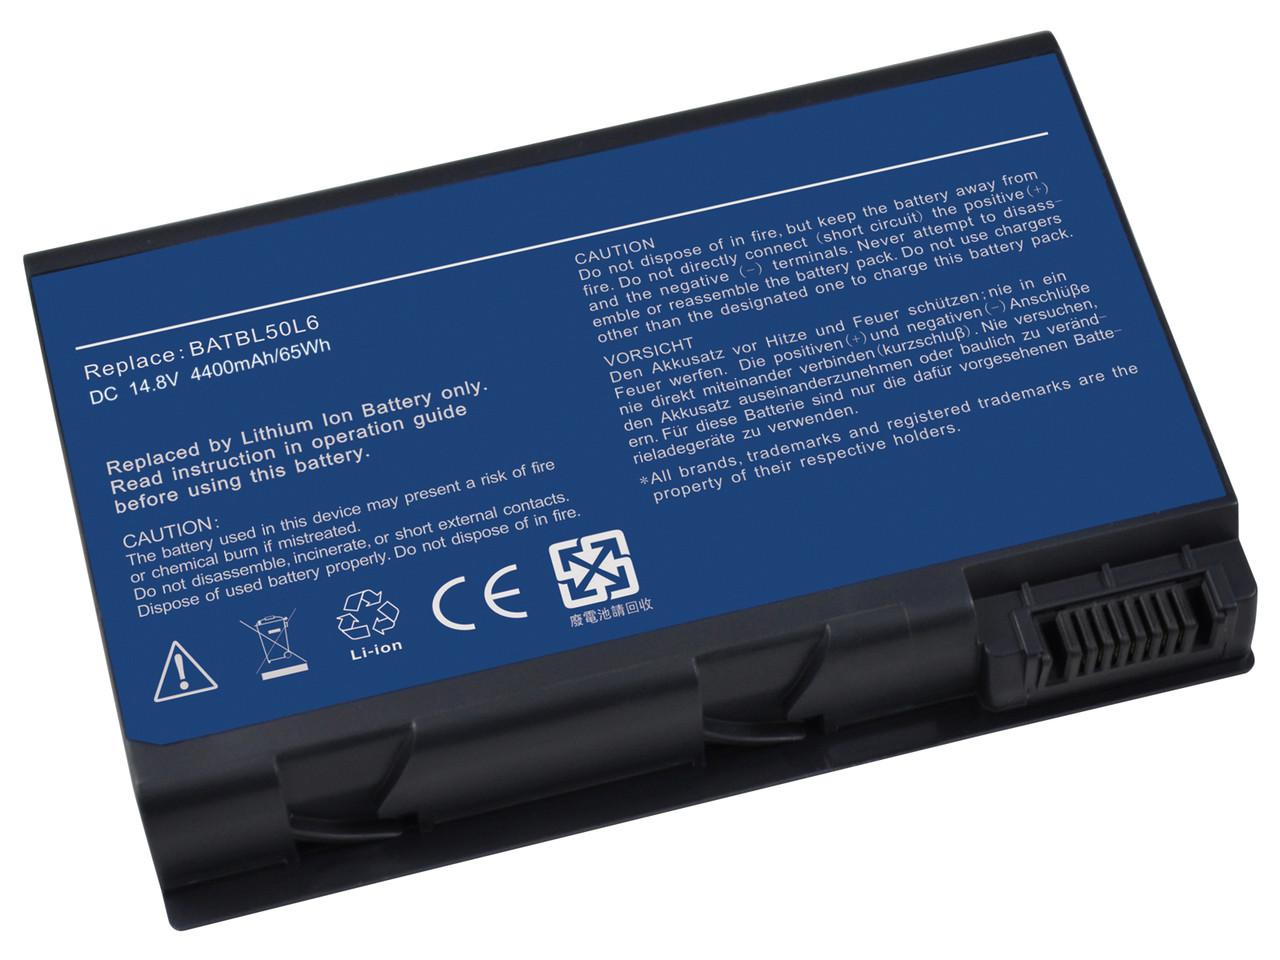 Аккумулятор для ноутбука Acer BATBL50L8H